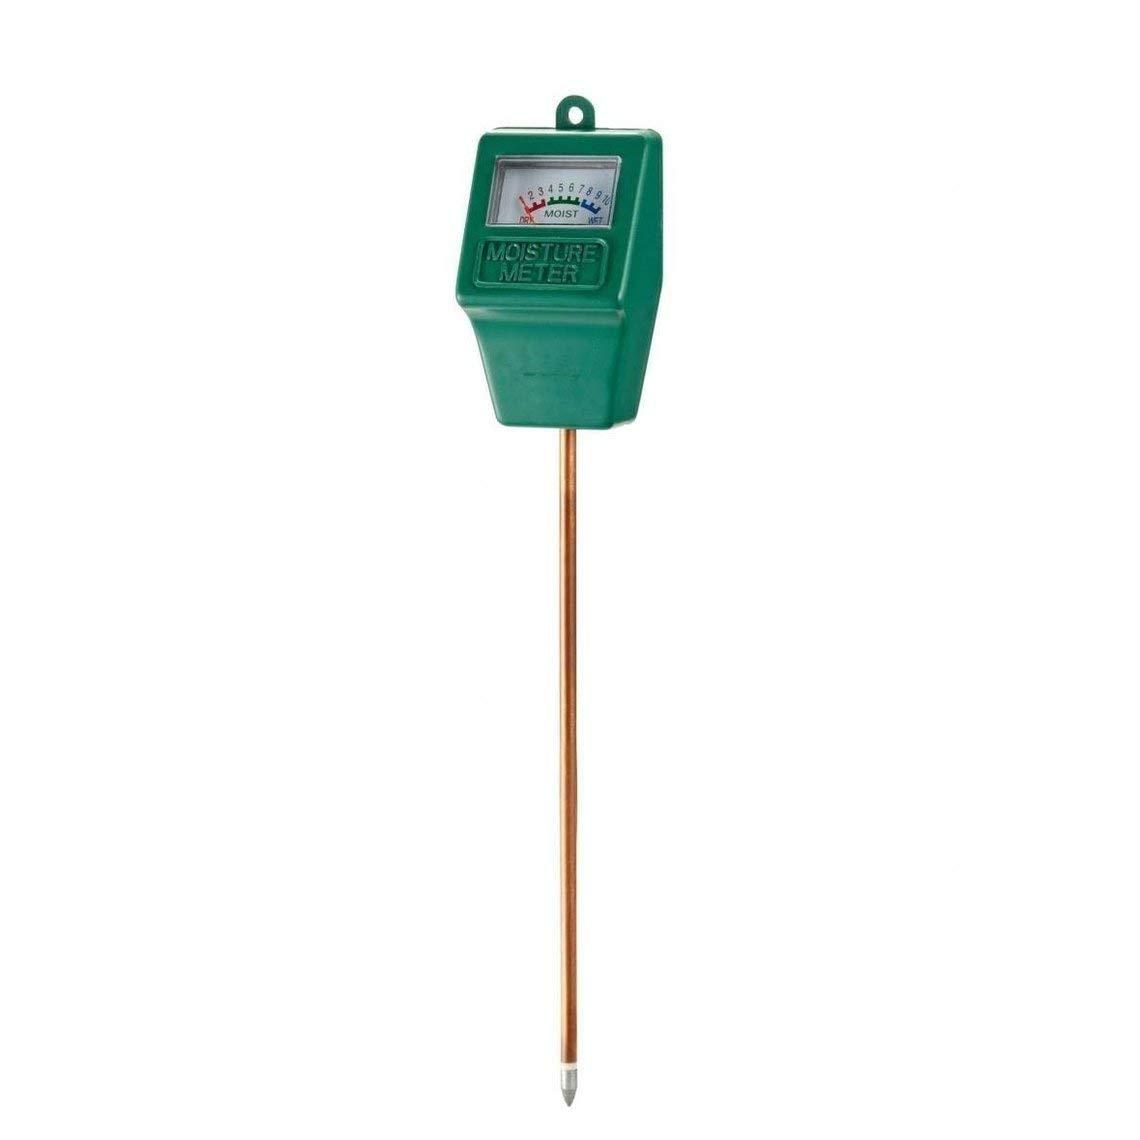 Zinniaya Garden Plant Soil Moisture Meter Hygrometer Probe Watering Test for Experiment Indoor Outdoor Soil Moisture Analyzer detector